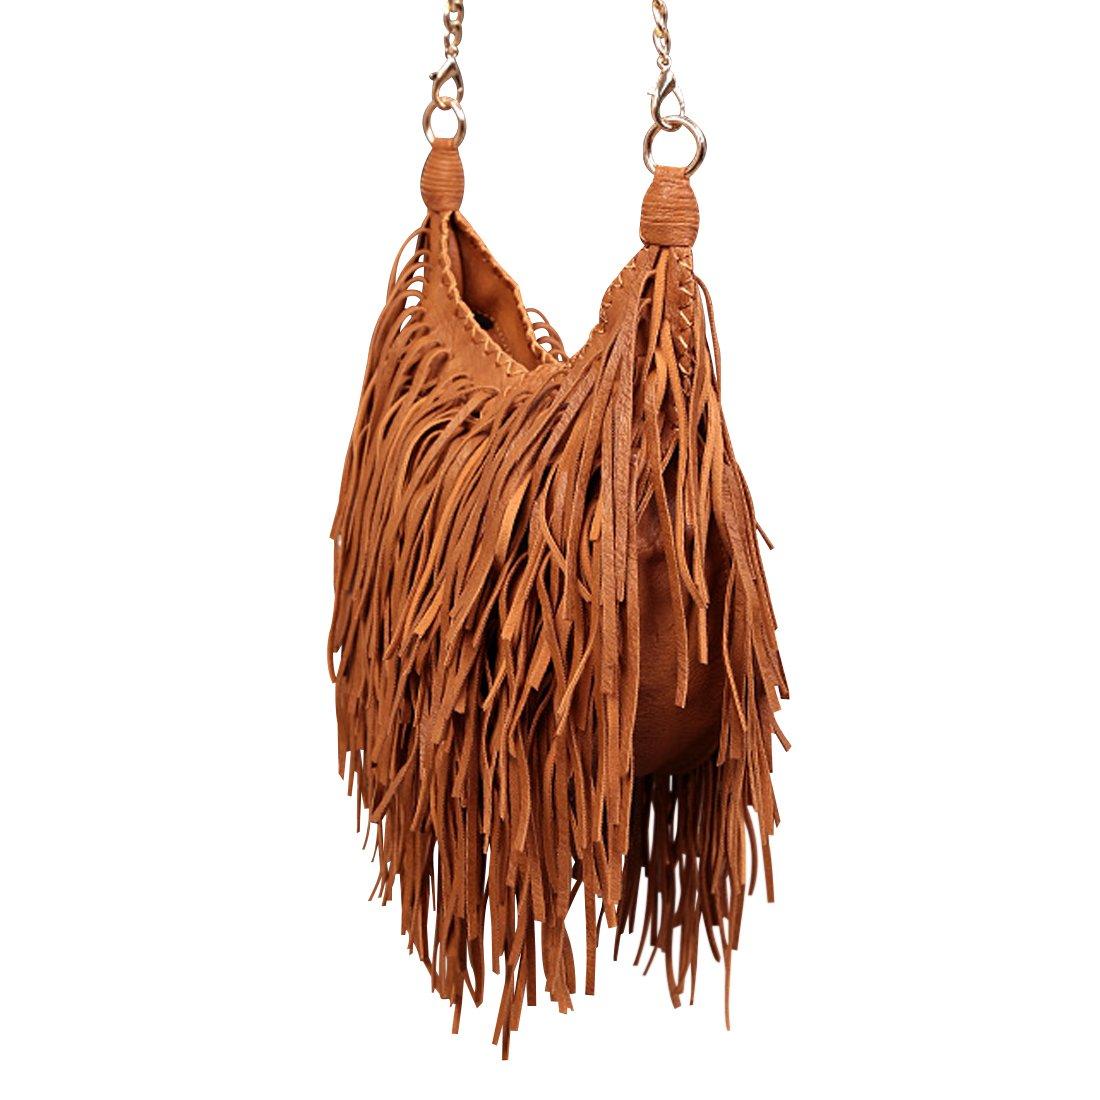 1b67c1dcc LUI SUI para mujer Cuero franja borla cruz cuerpo hobo bolsos Bolso al hombro  para mujer Marrón: Amazon.es: Equipaje